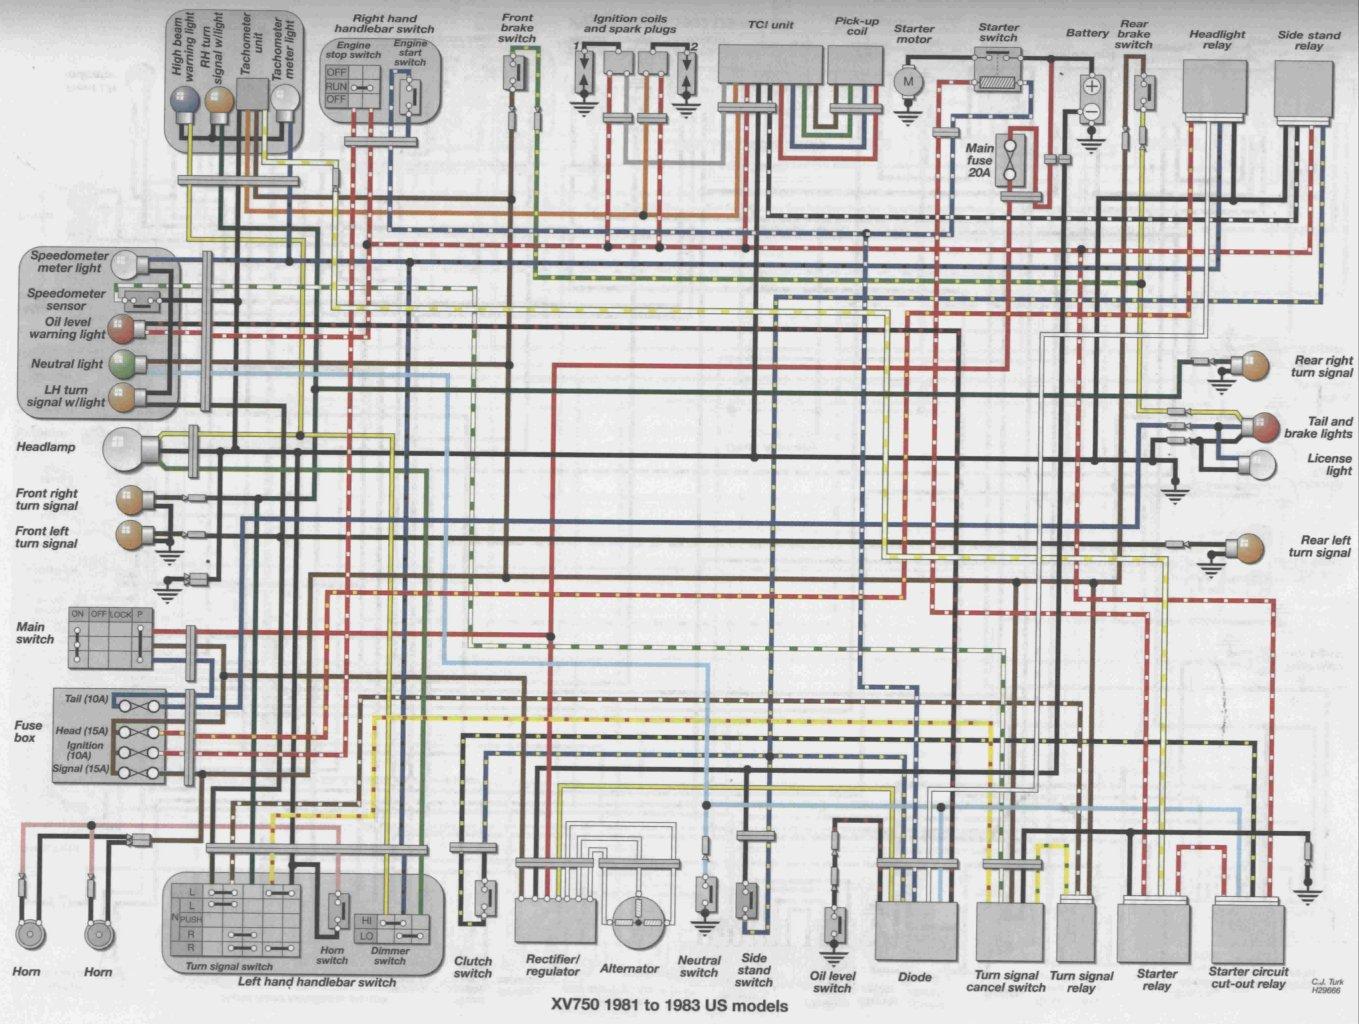 93 Yamaha Virago Wiring Diagram | Wiring Diagram on